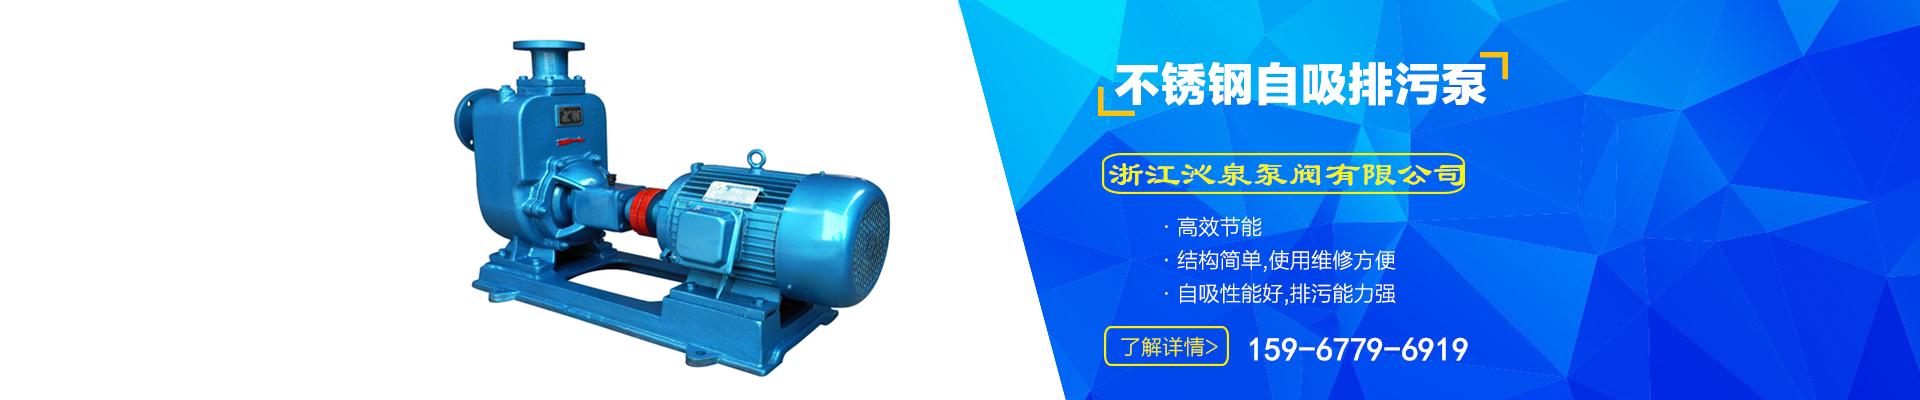 浙江沁泉泵阀有限公司